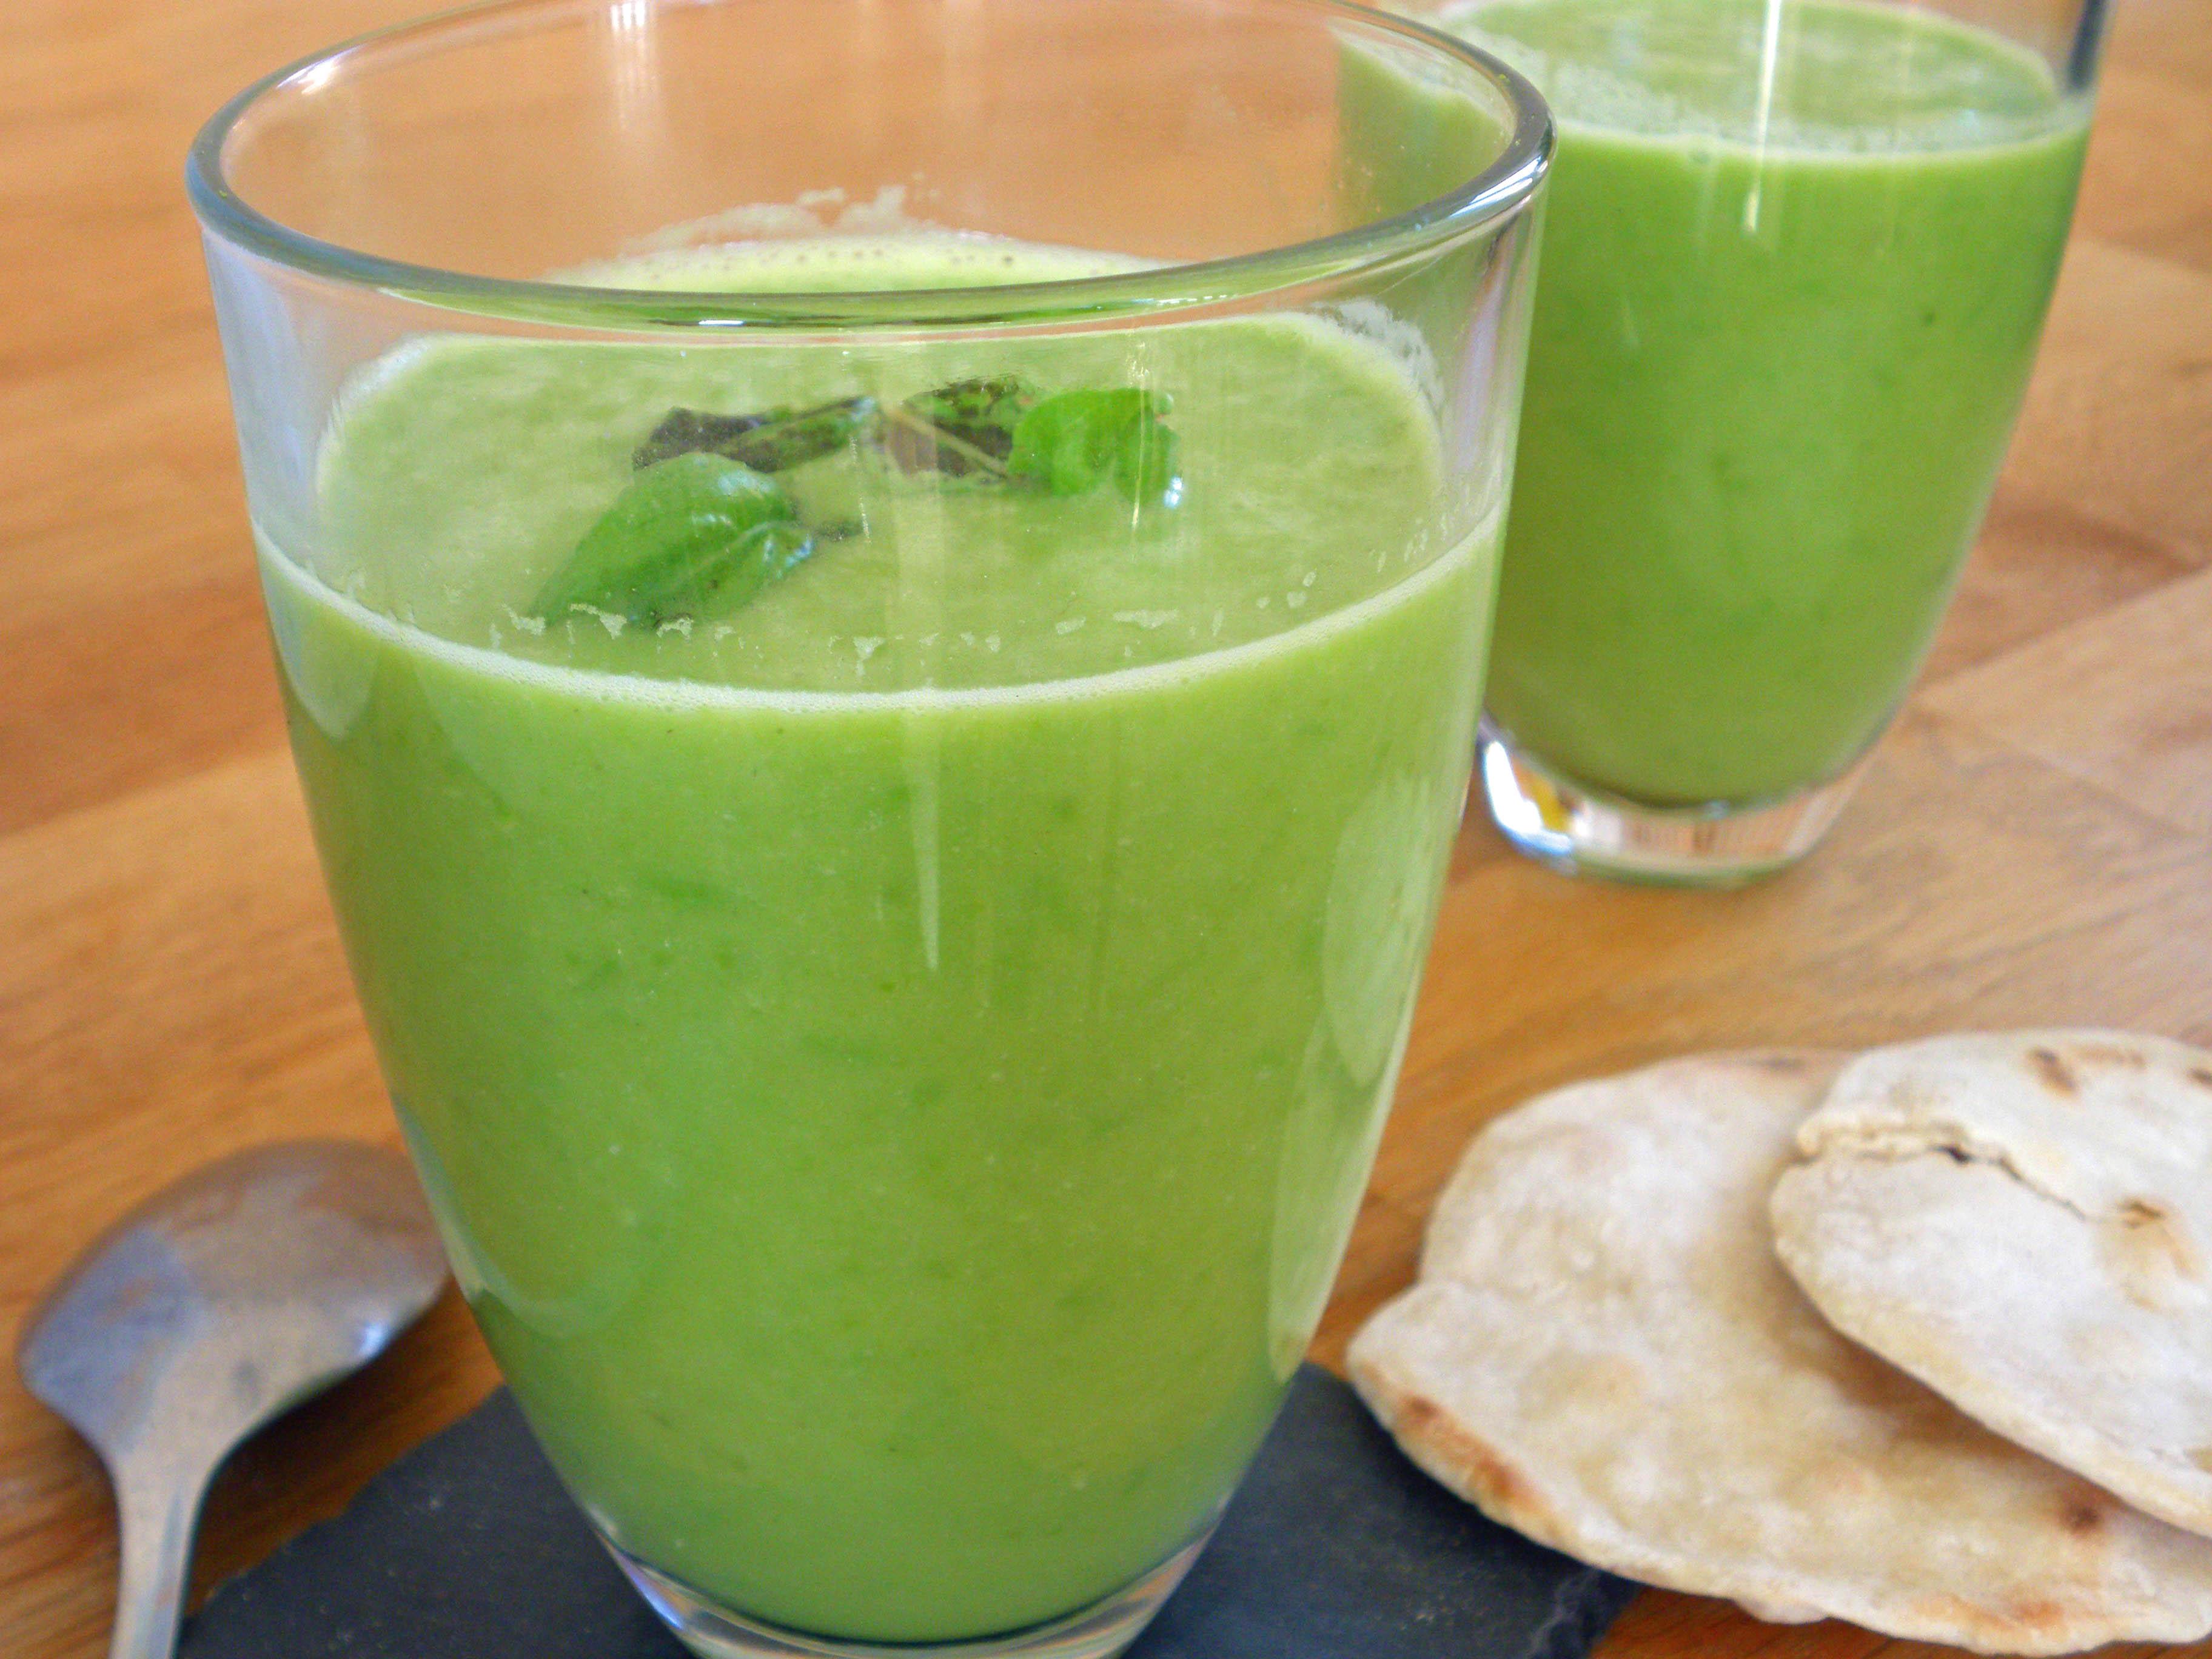 Rezepte - Suppe - grüne Erbsensuppe - glutenfrei